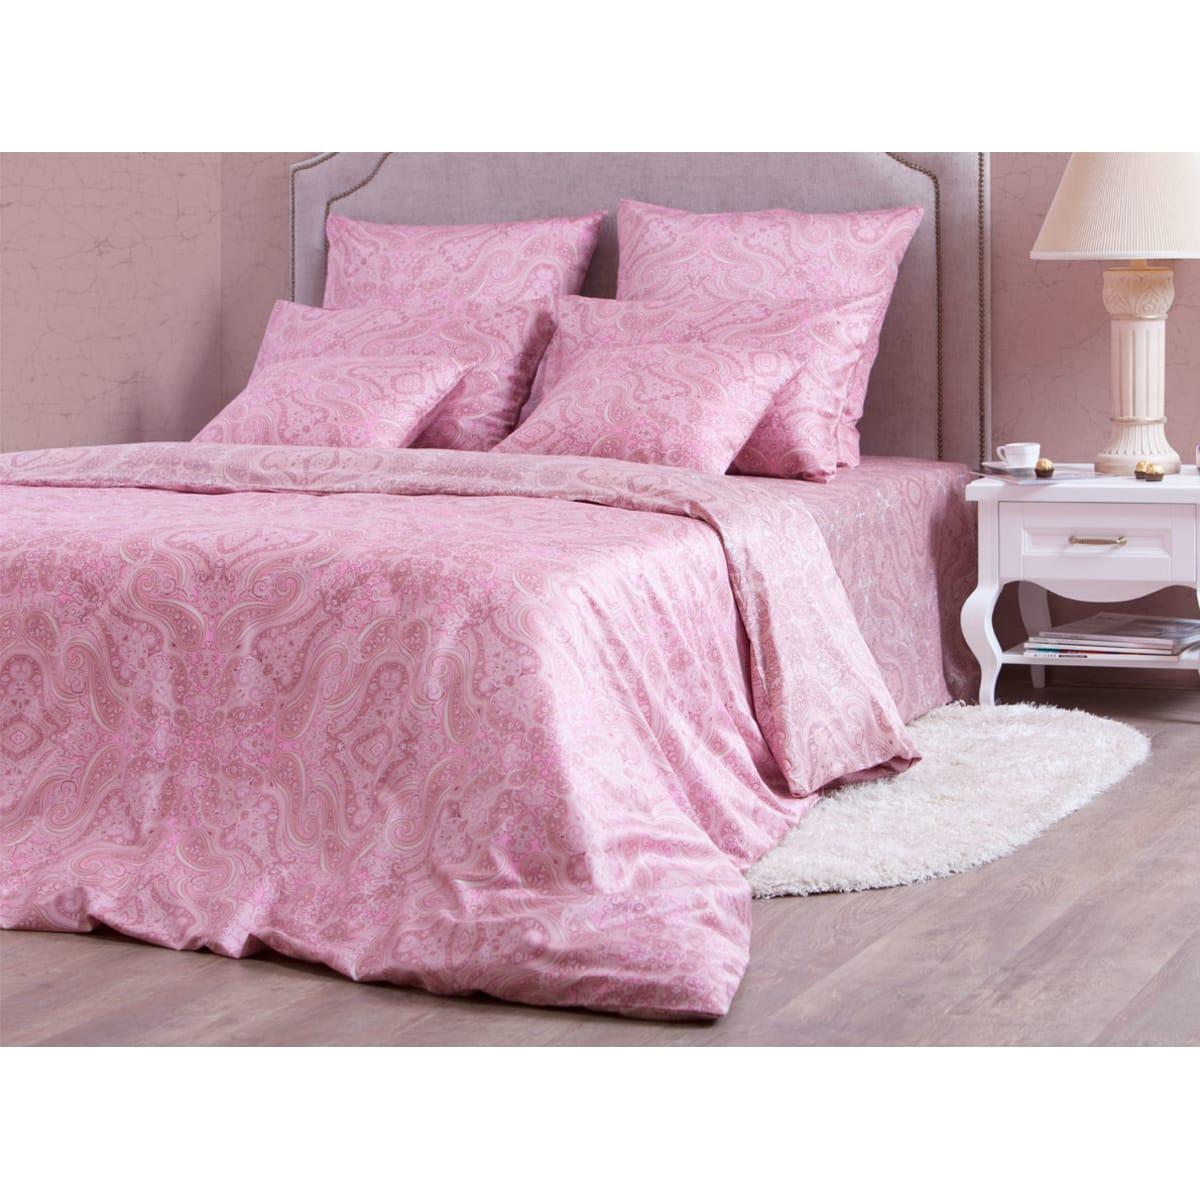 Купить ткани для постельного белья ставрополь tailor1 ru швейная